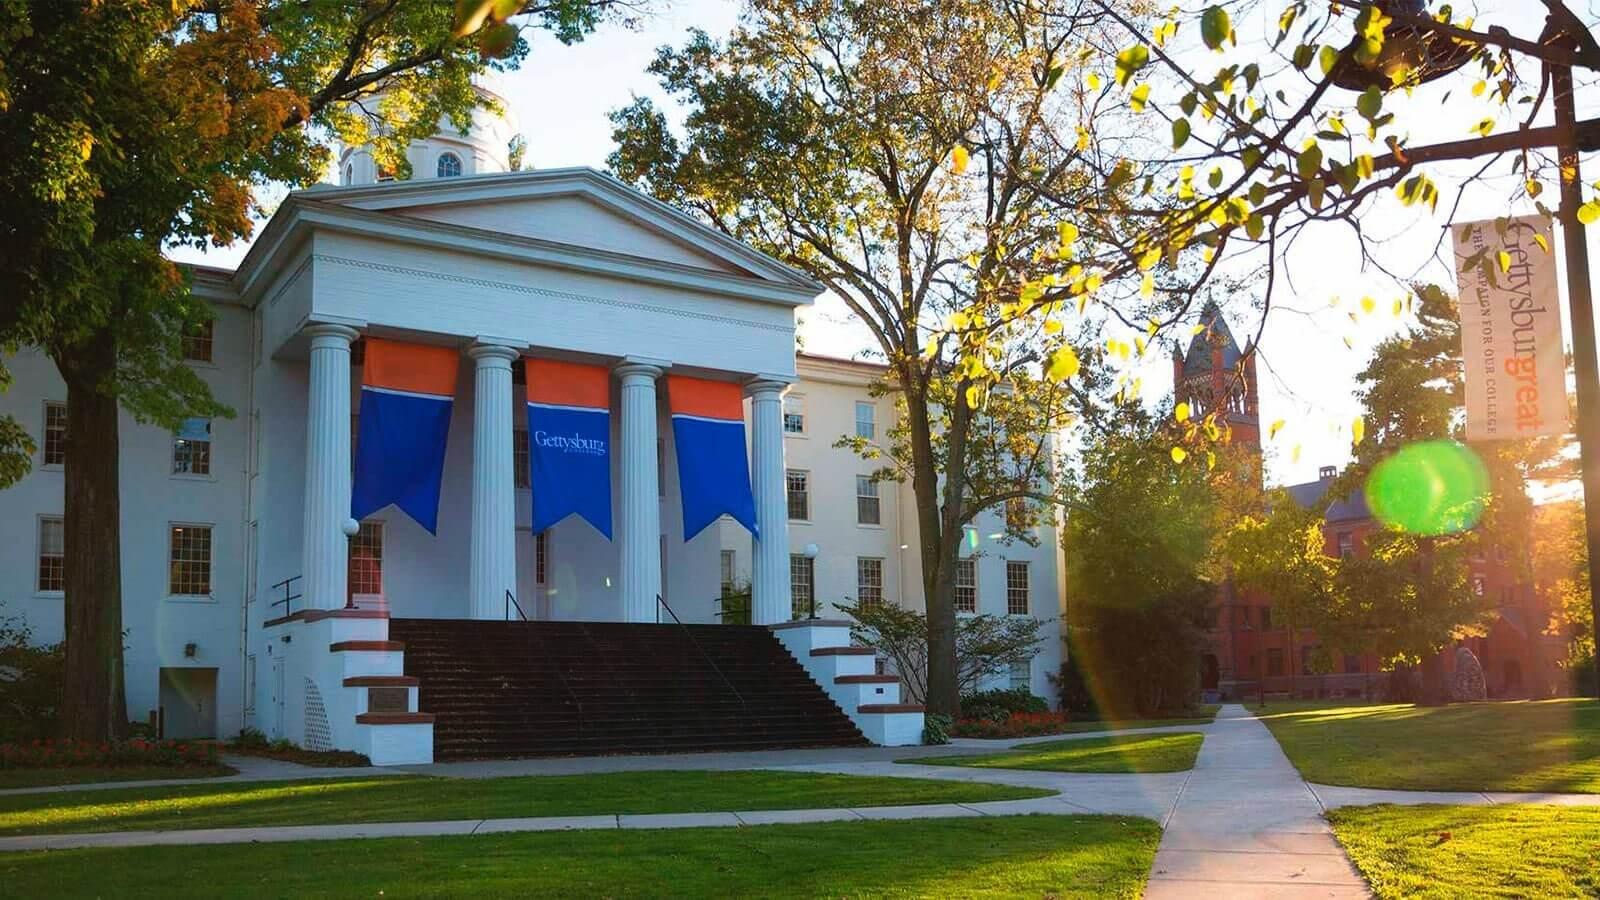 Gettysburg College Cappex